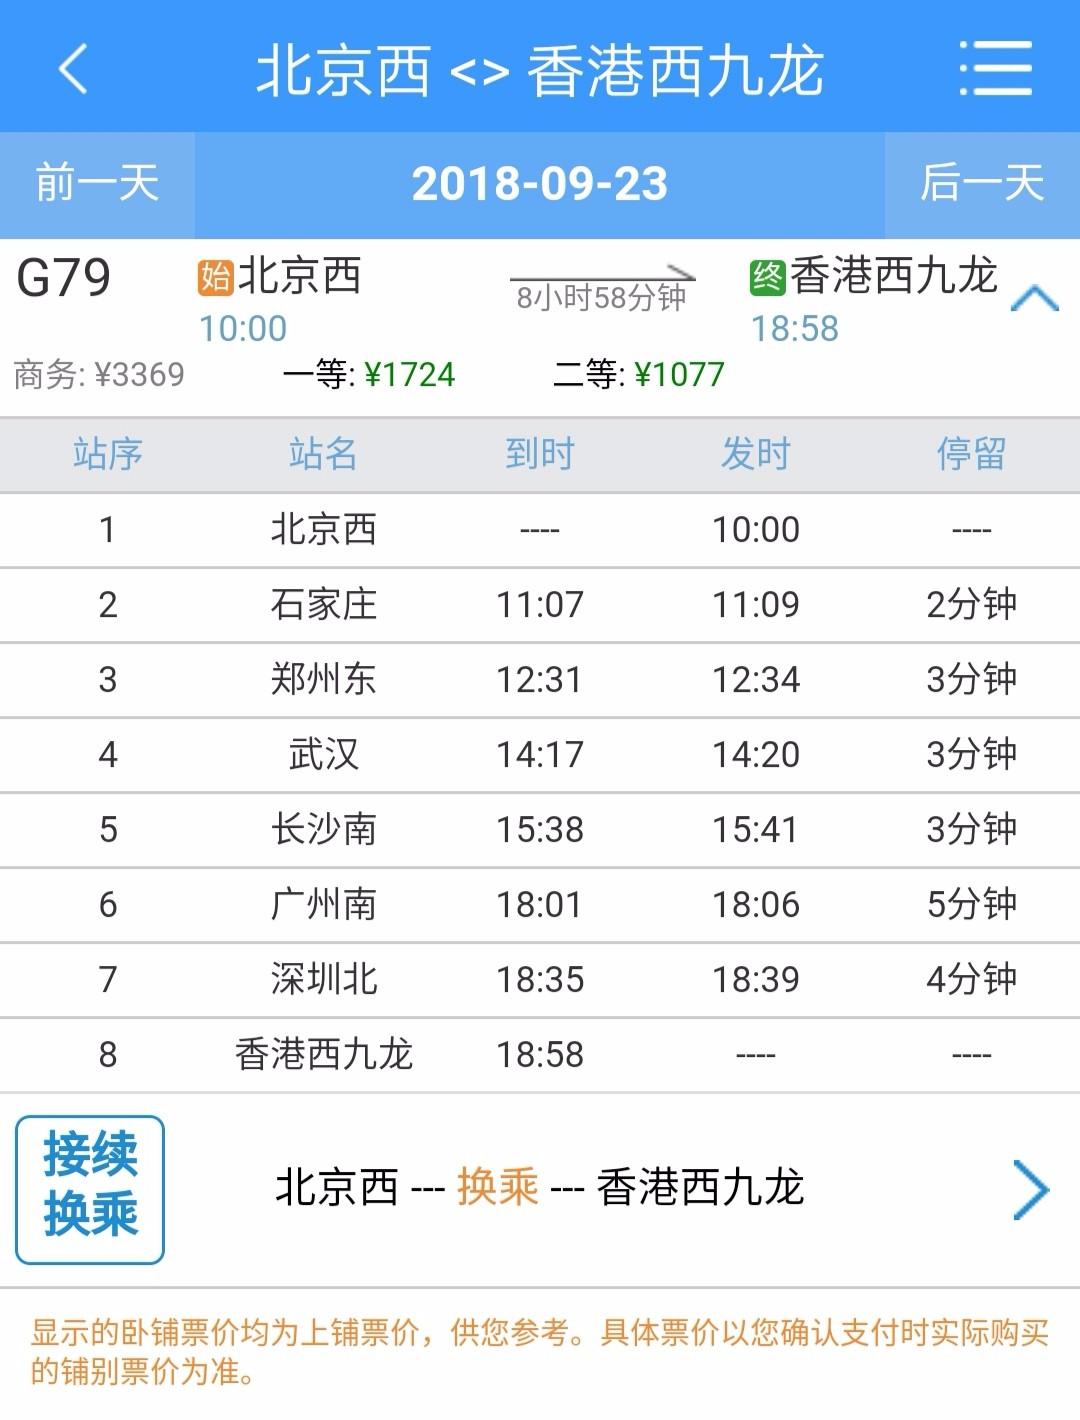 广深港高速铁路开始发售车票 跨境车票须持纸质车票_图1-4